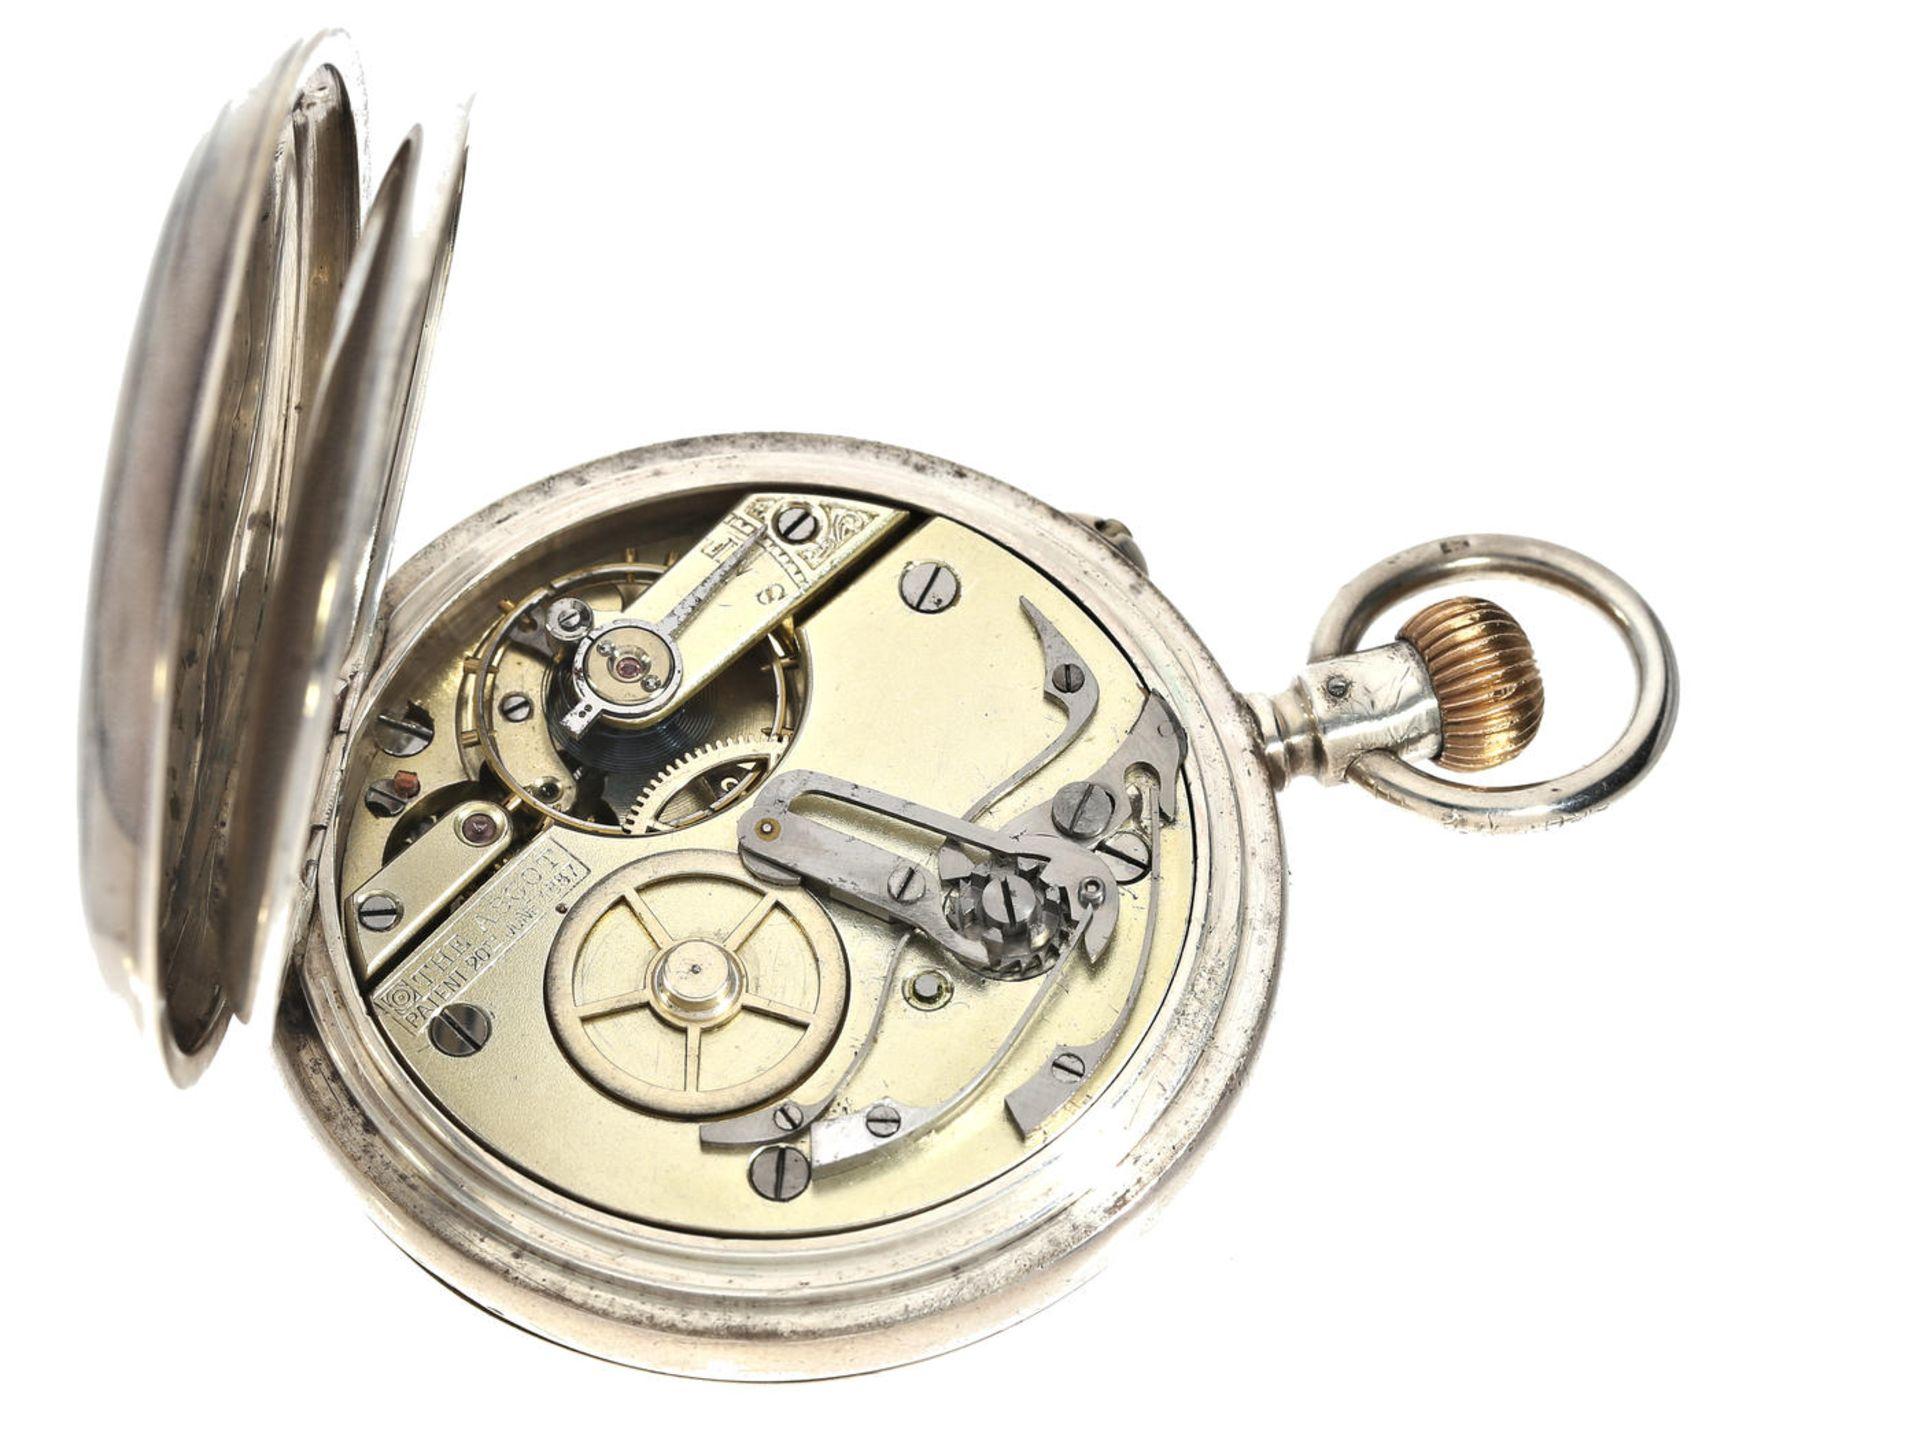 Taschenuhr: Schweizer Kronendrücker-Chronograph, gefertigt für den englischen Markt, Silber, ca.1912 - Bild 3 aus 3